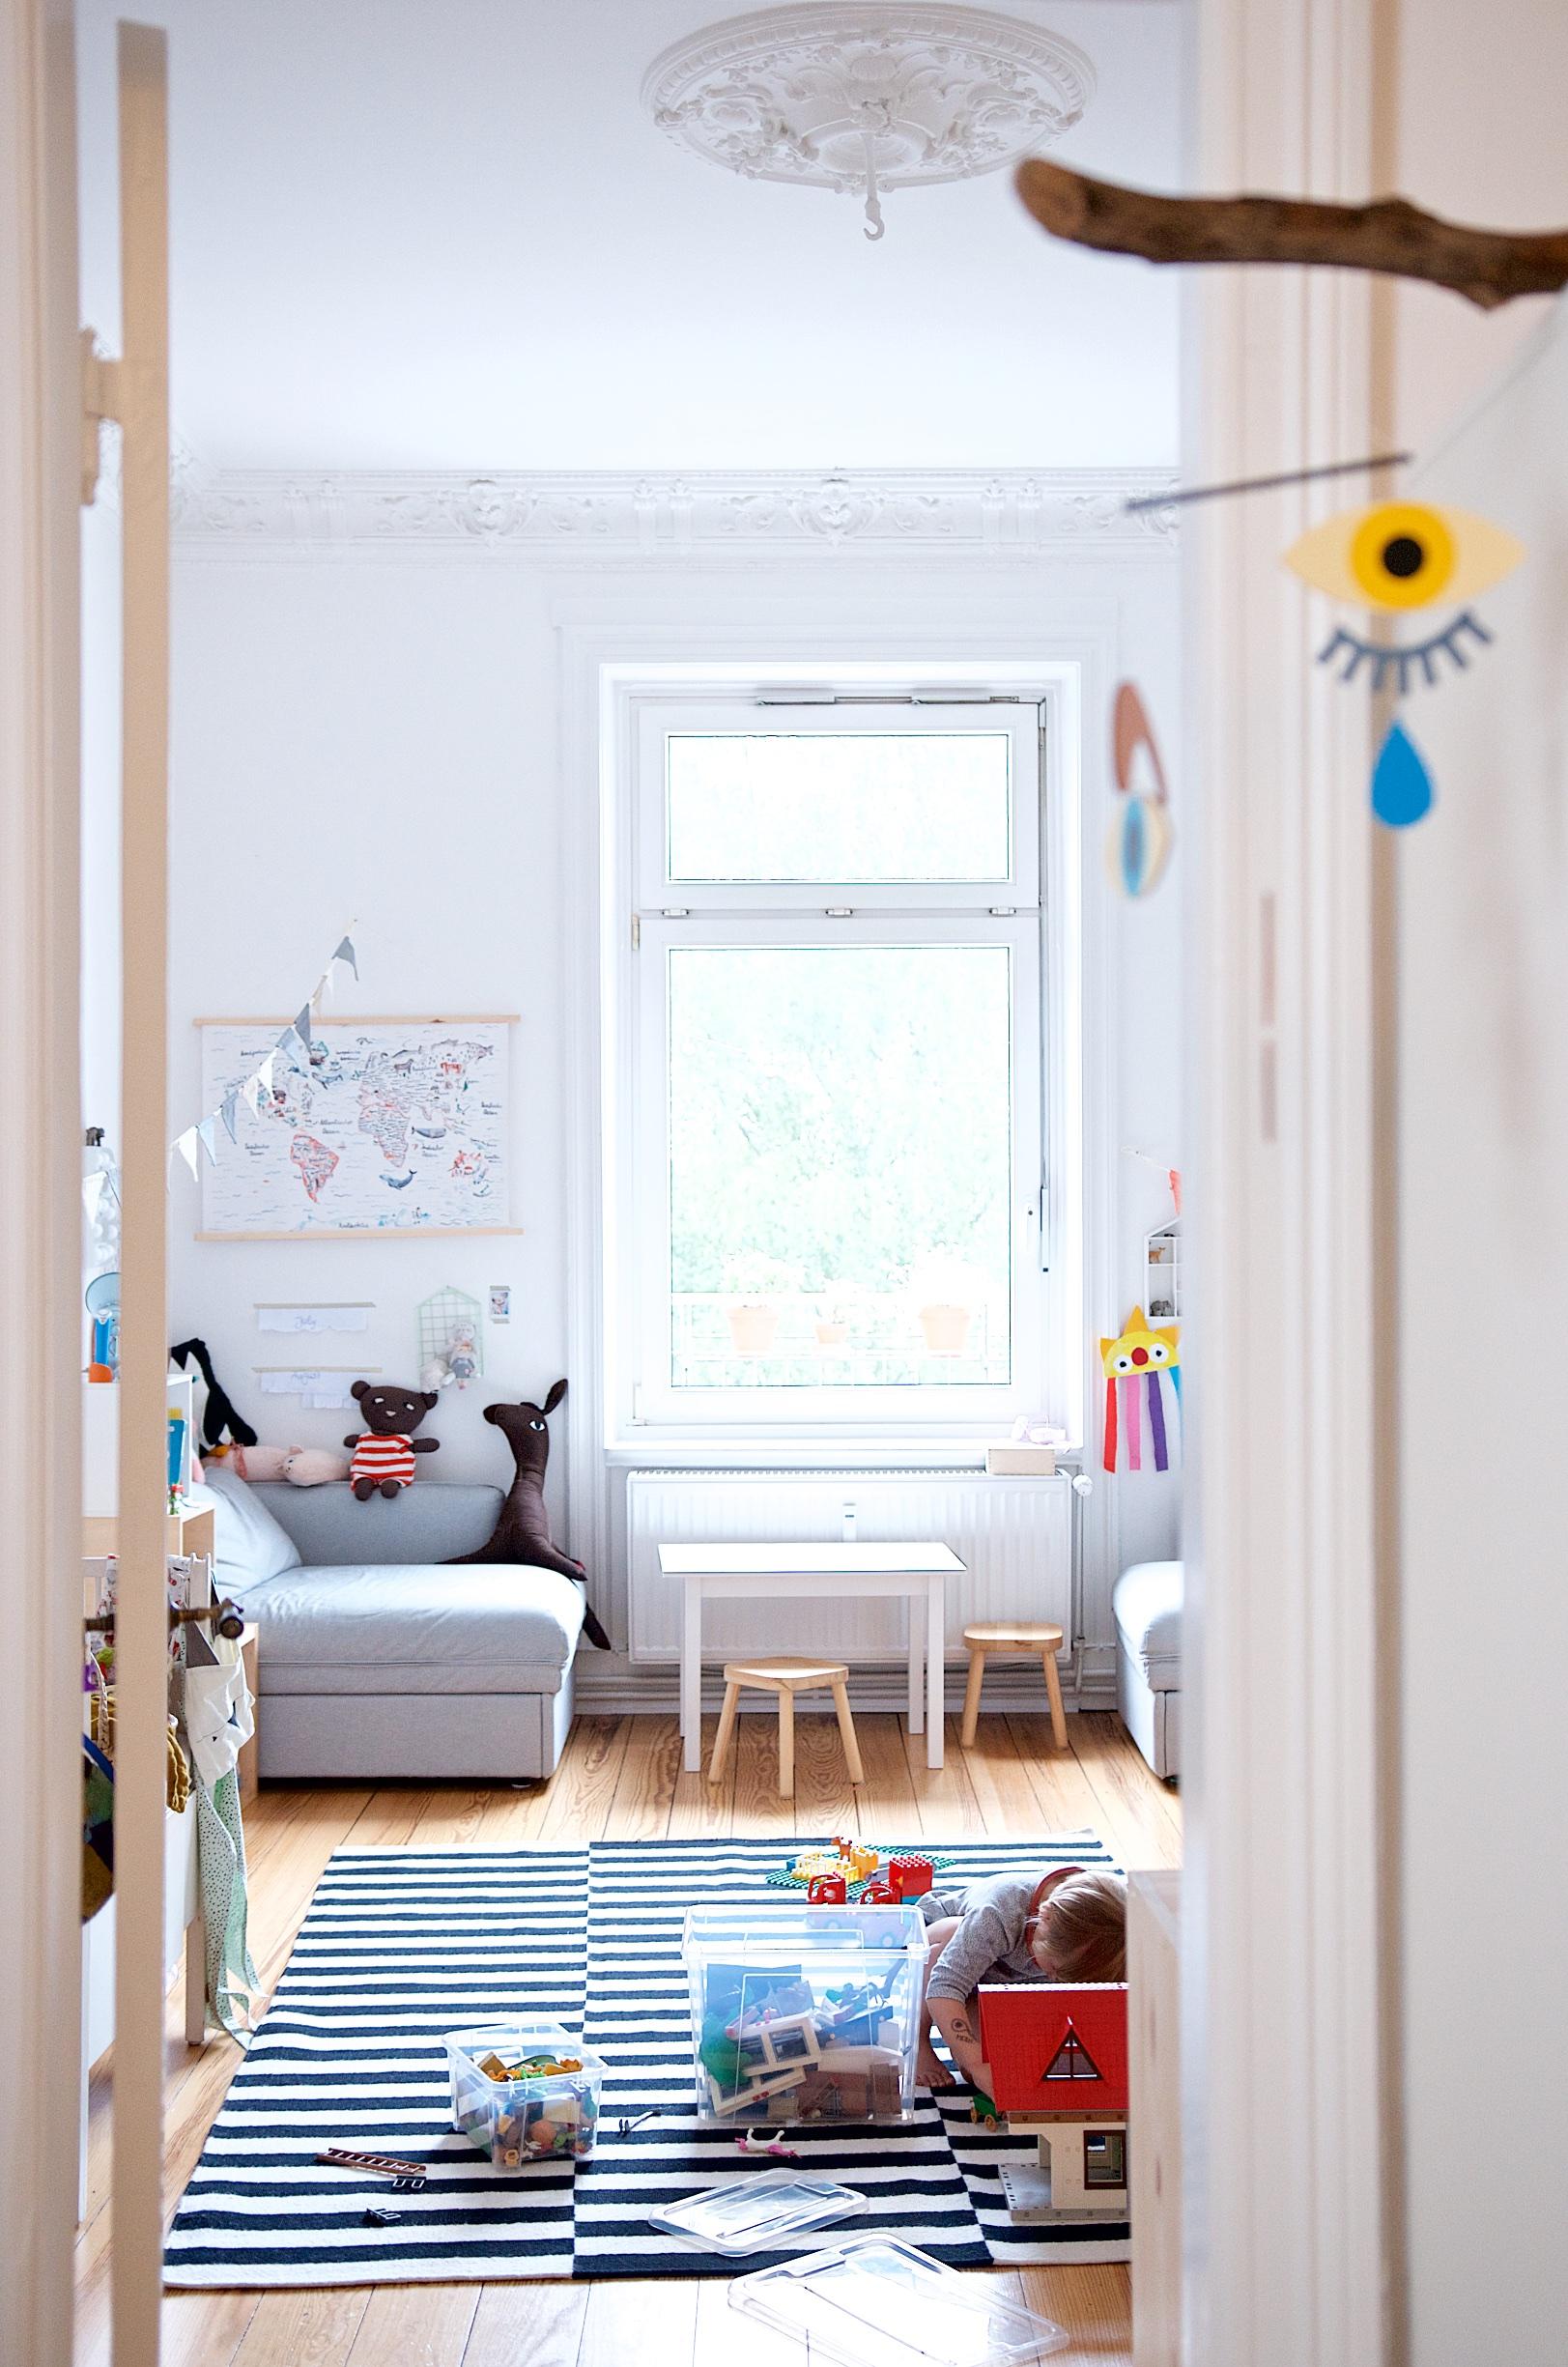 Blick aus dem Kinderschlafzimmer ins Kinderspielzimmer